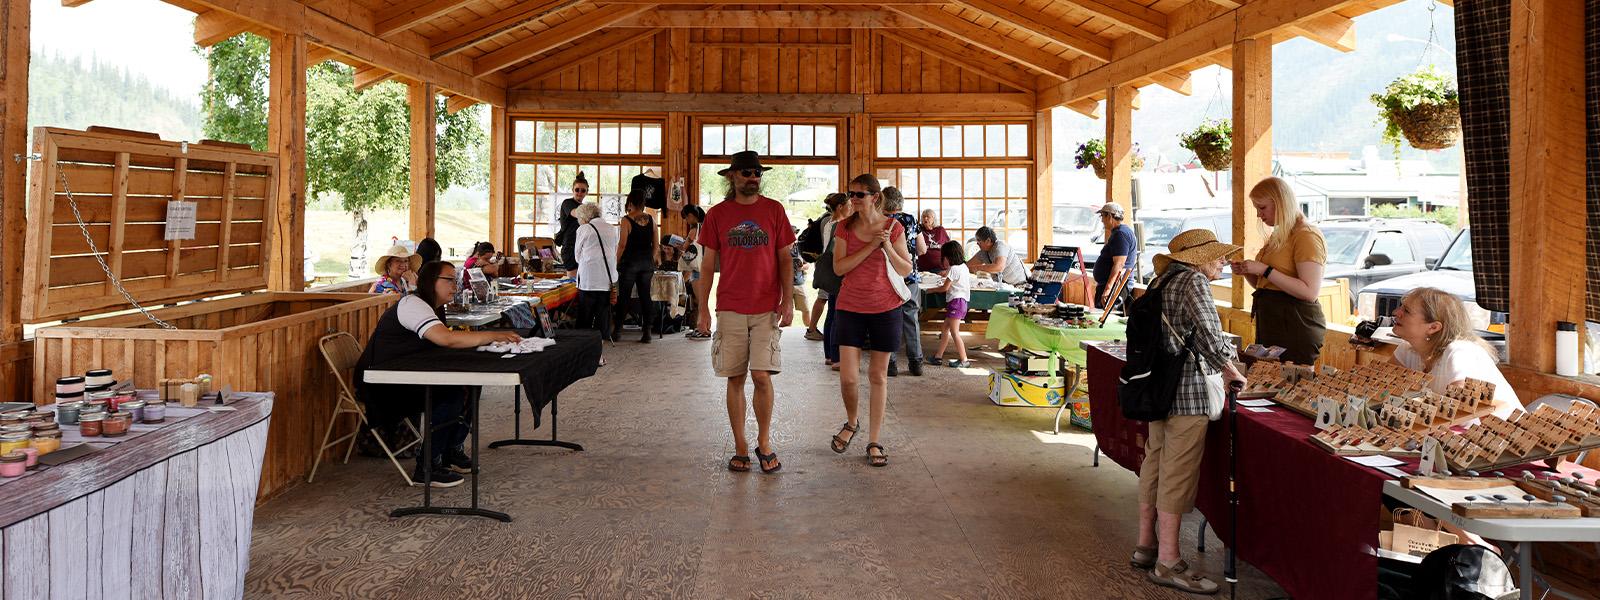 Artist's Market in Dawson City